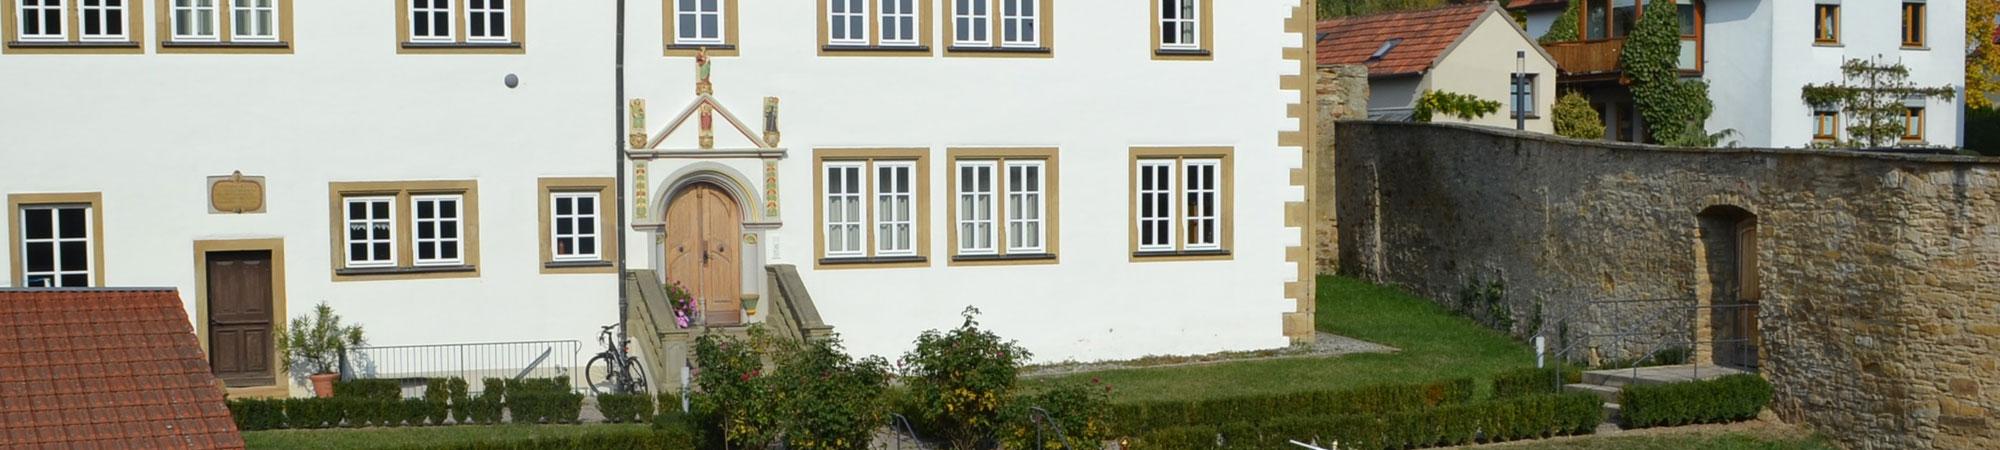 slider1_wuelfershausen